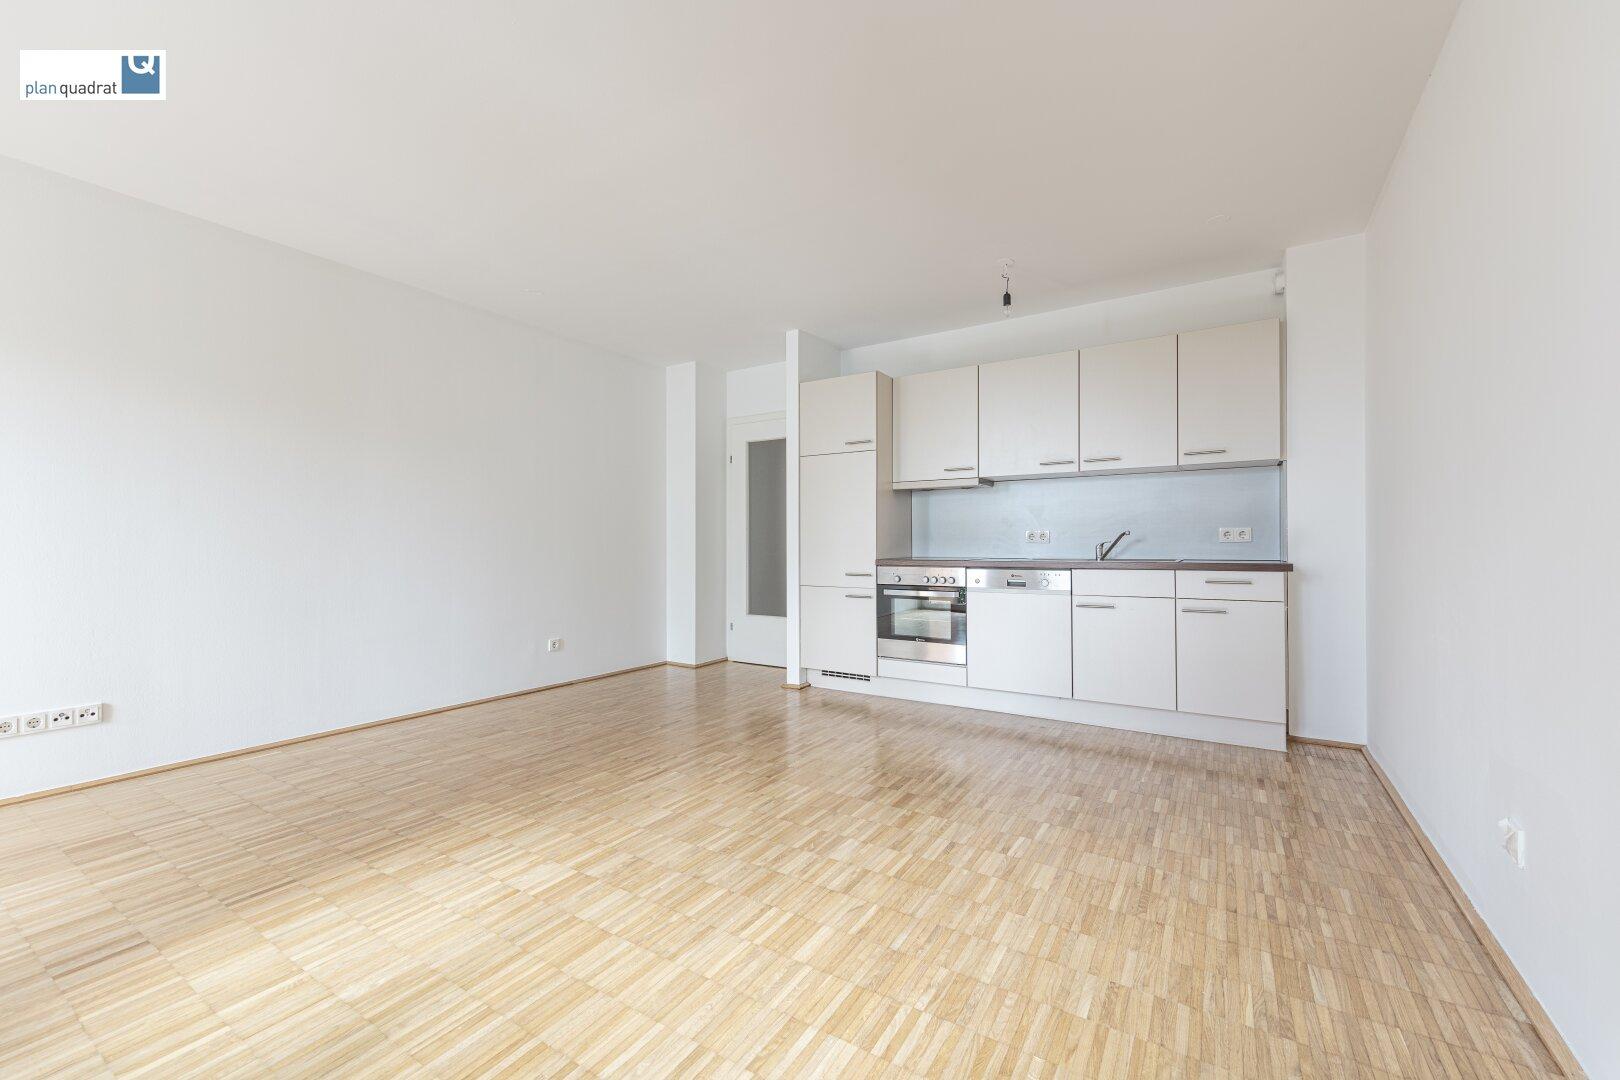 Wohn- / Esszimmer (ca. 23,90 m²) mit Küchenzeile